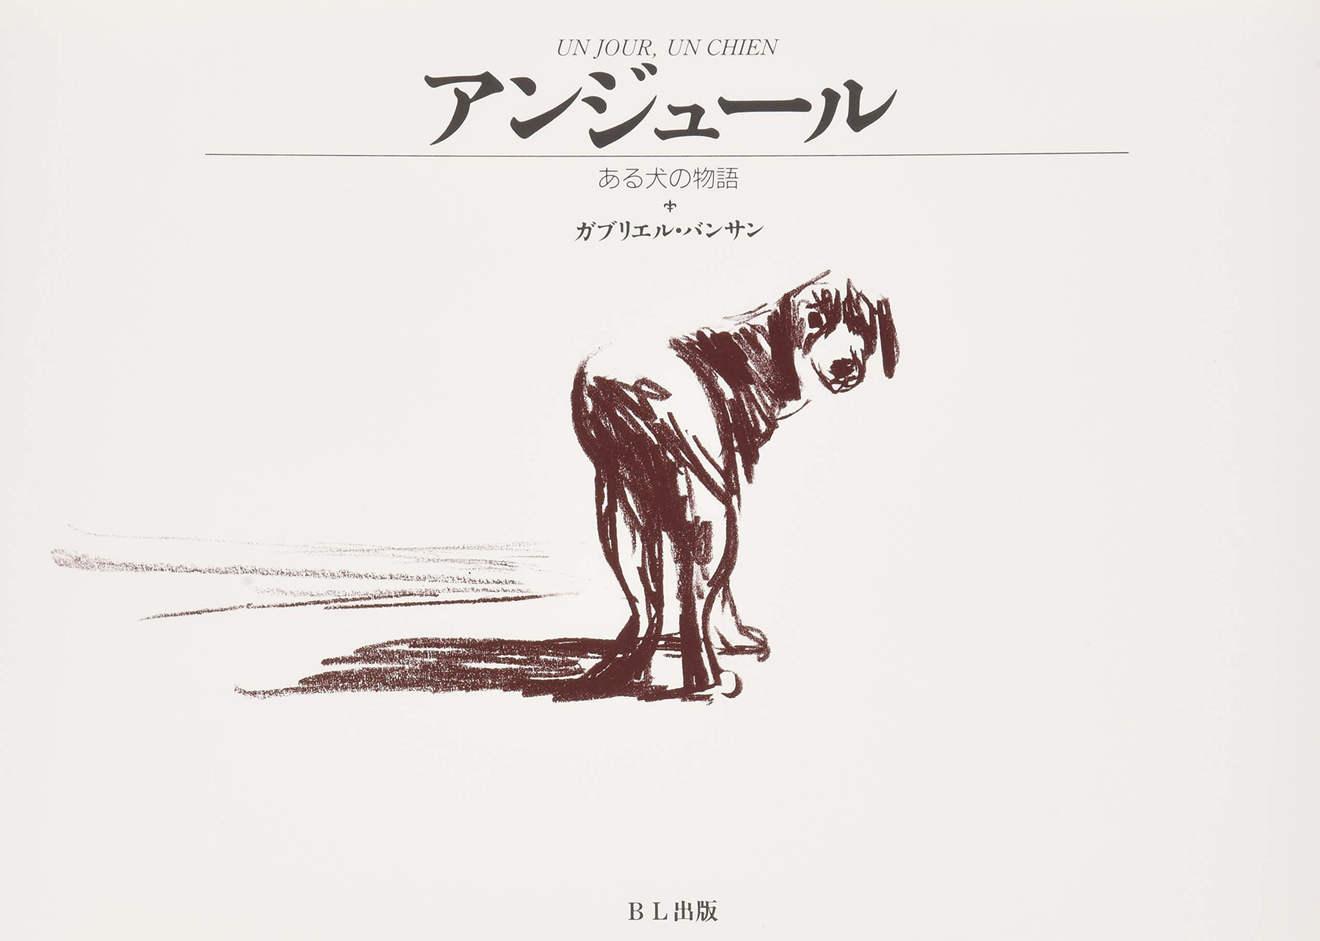 昔から長く愛されている、人気の絵本おすすめ10選!【年齢別】